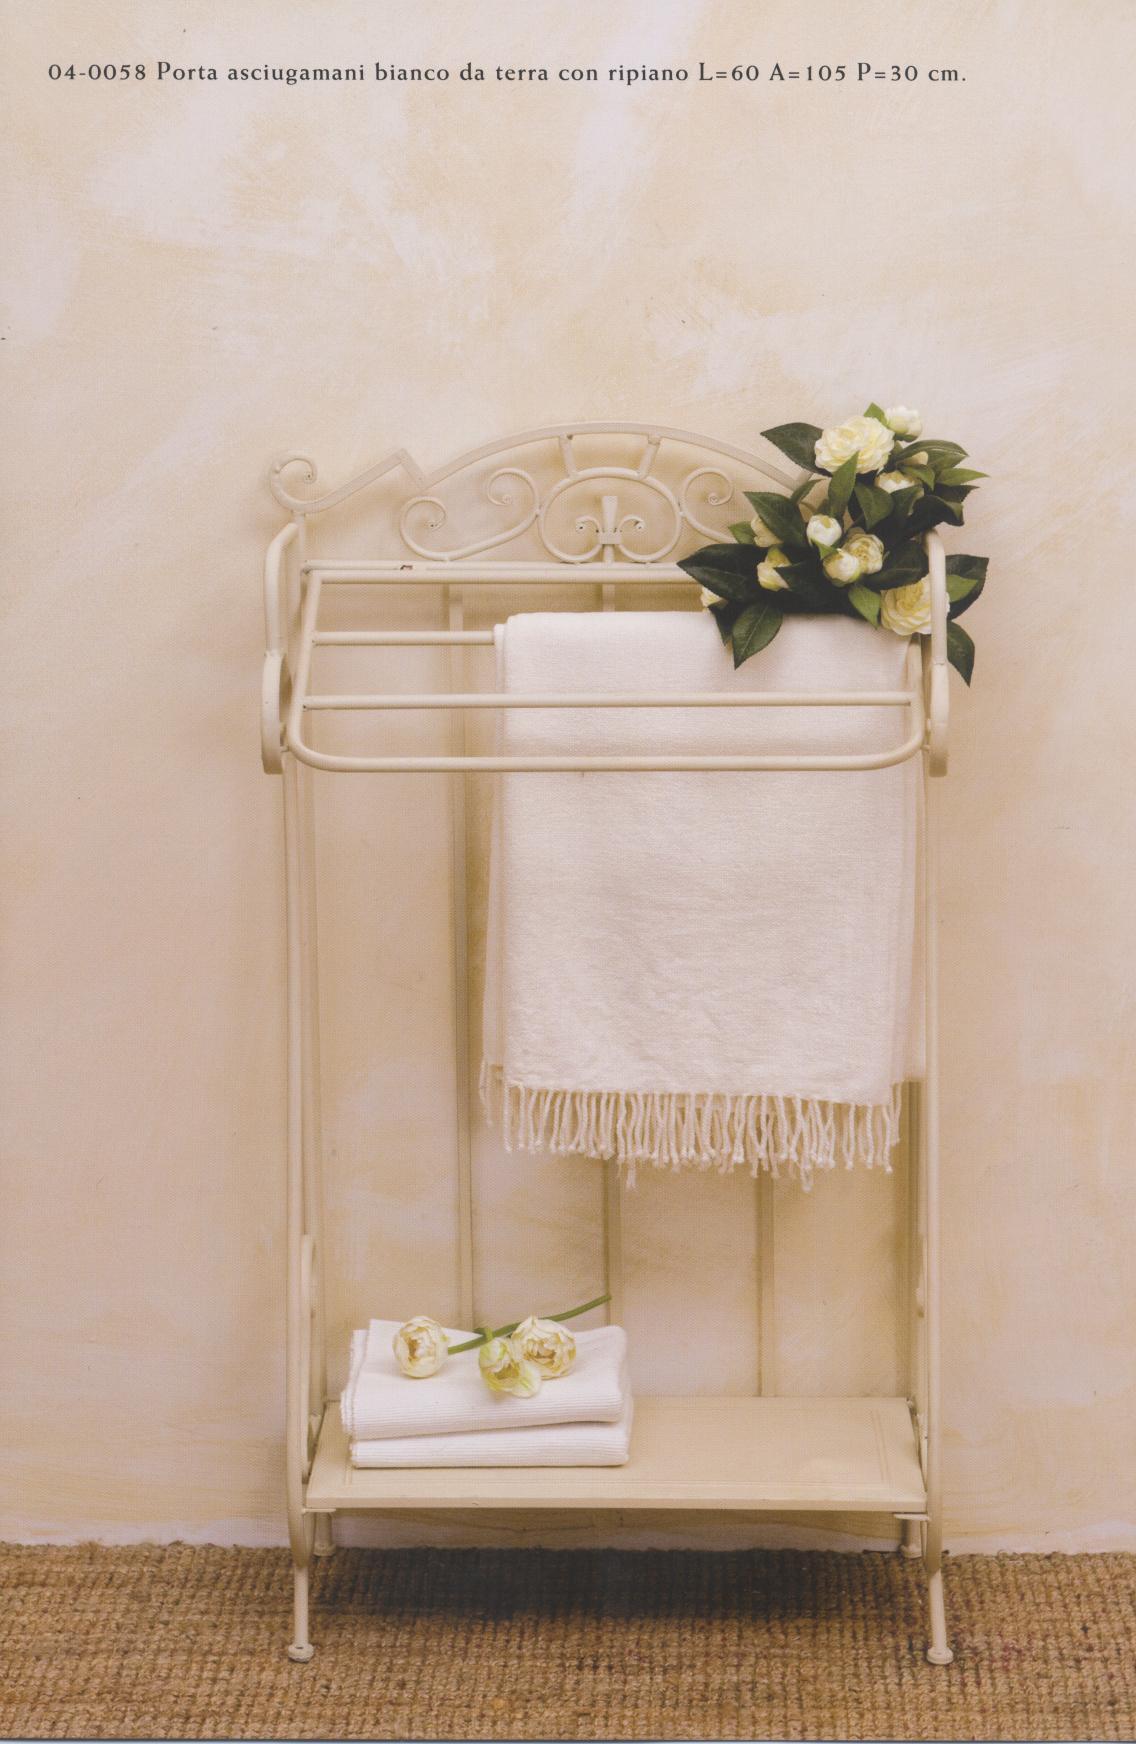 Mobiletti e accessori bagno in ferro battuto hancock luxe lodge - Tovaglie da bagno ...